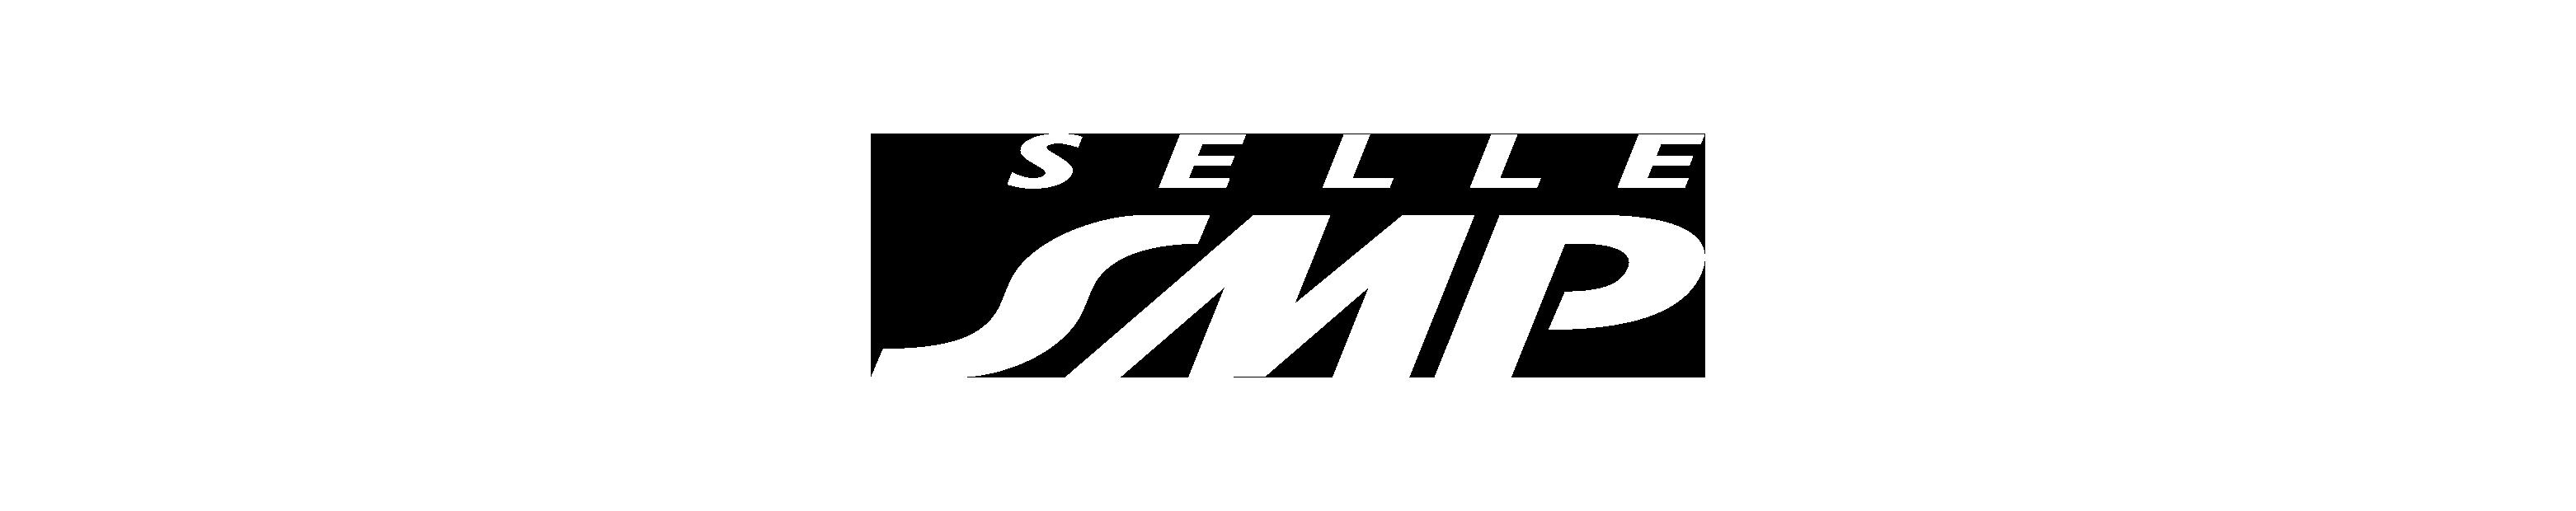 08.SELLE